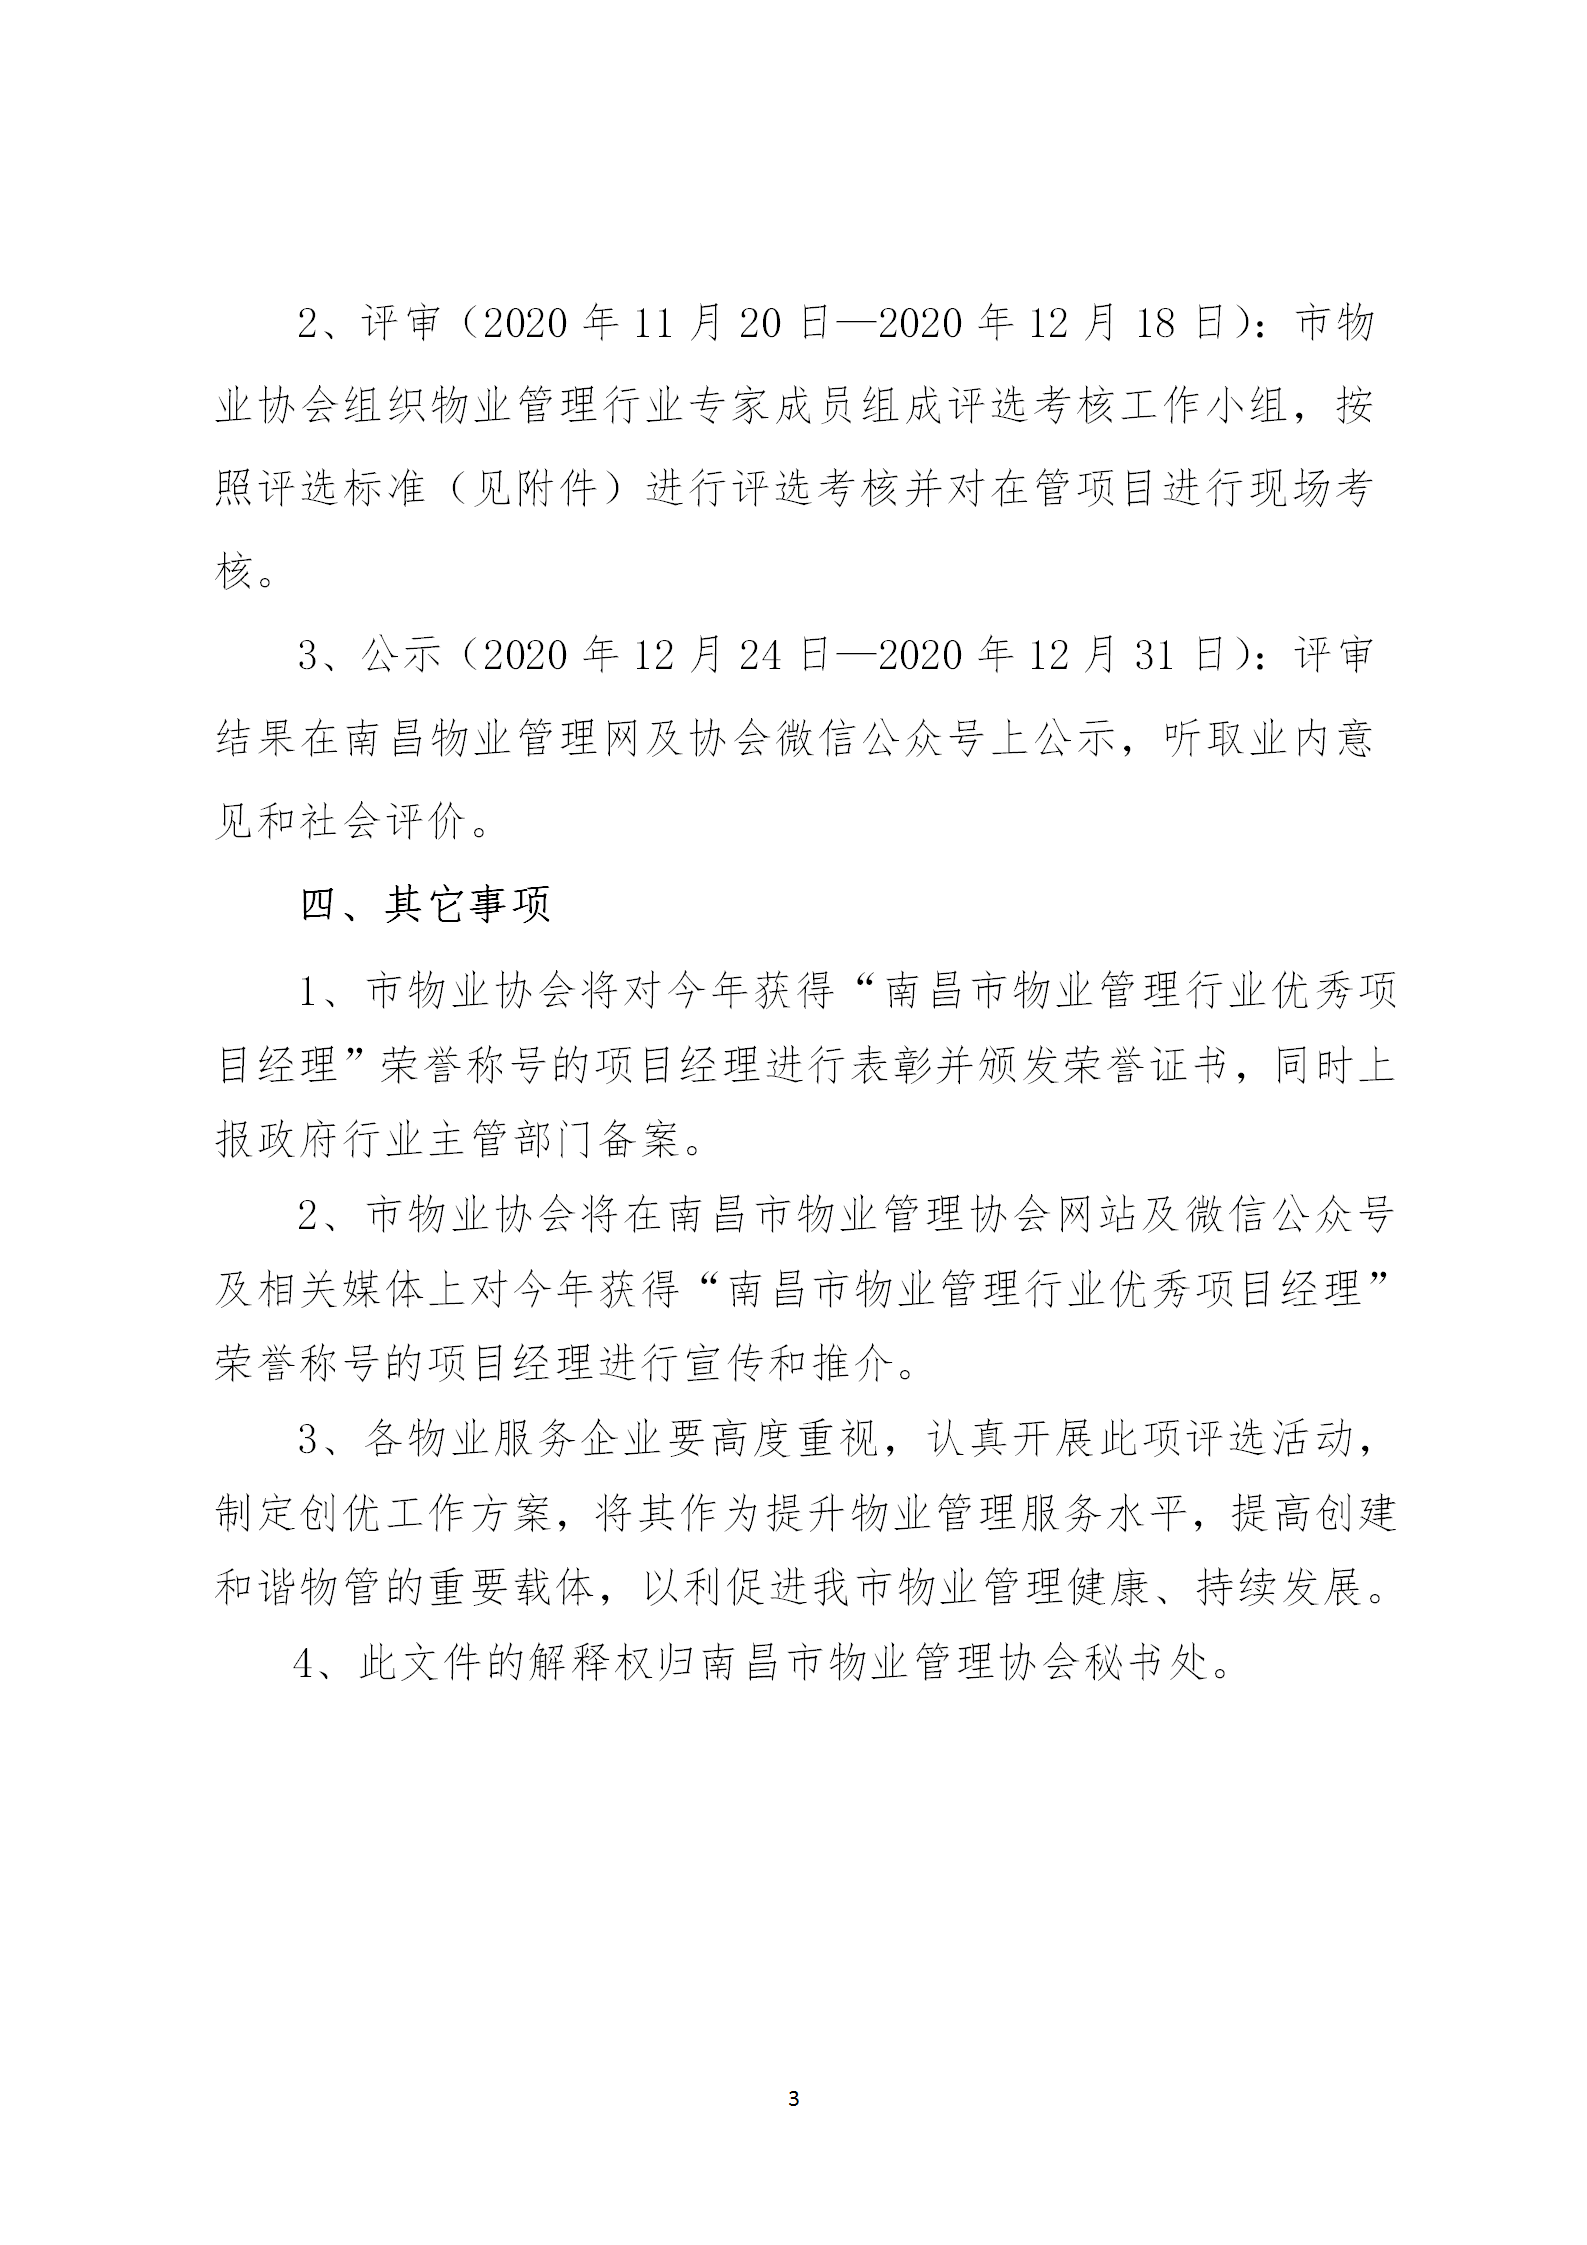 洪物协字[2020]17号关于开展2020年度南昌市物业管理行业优秀项目经理评选活动的通知_03.png